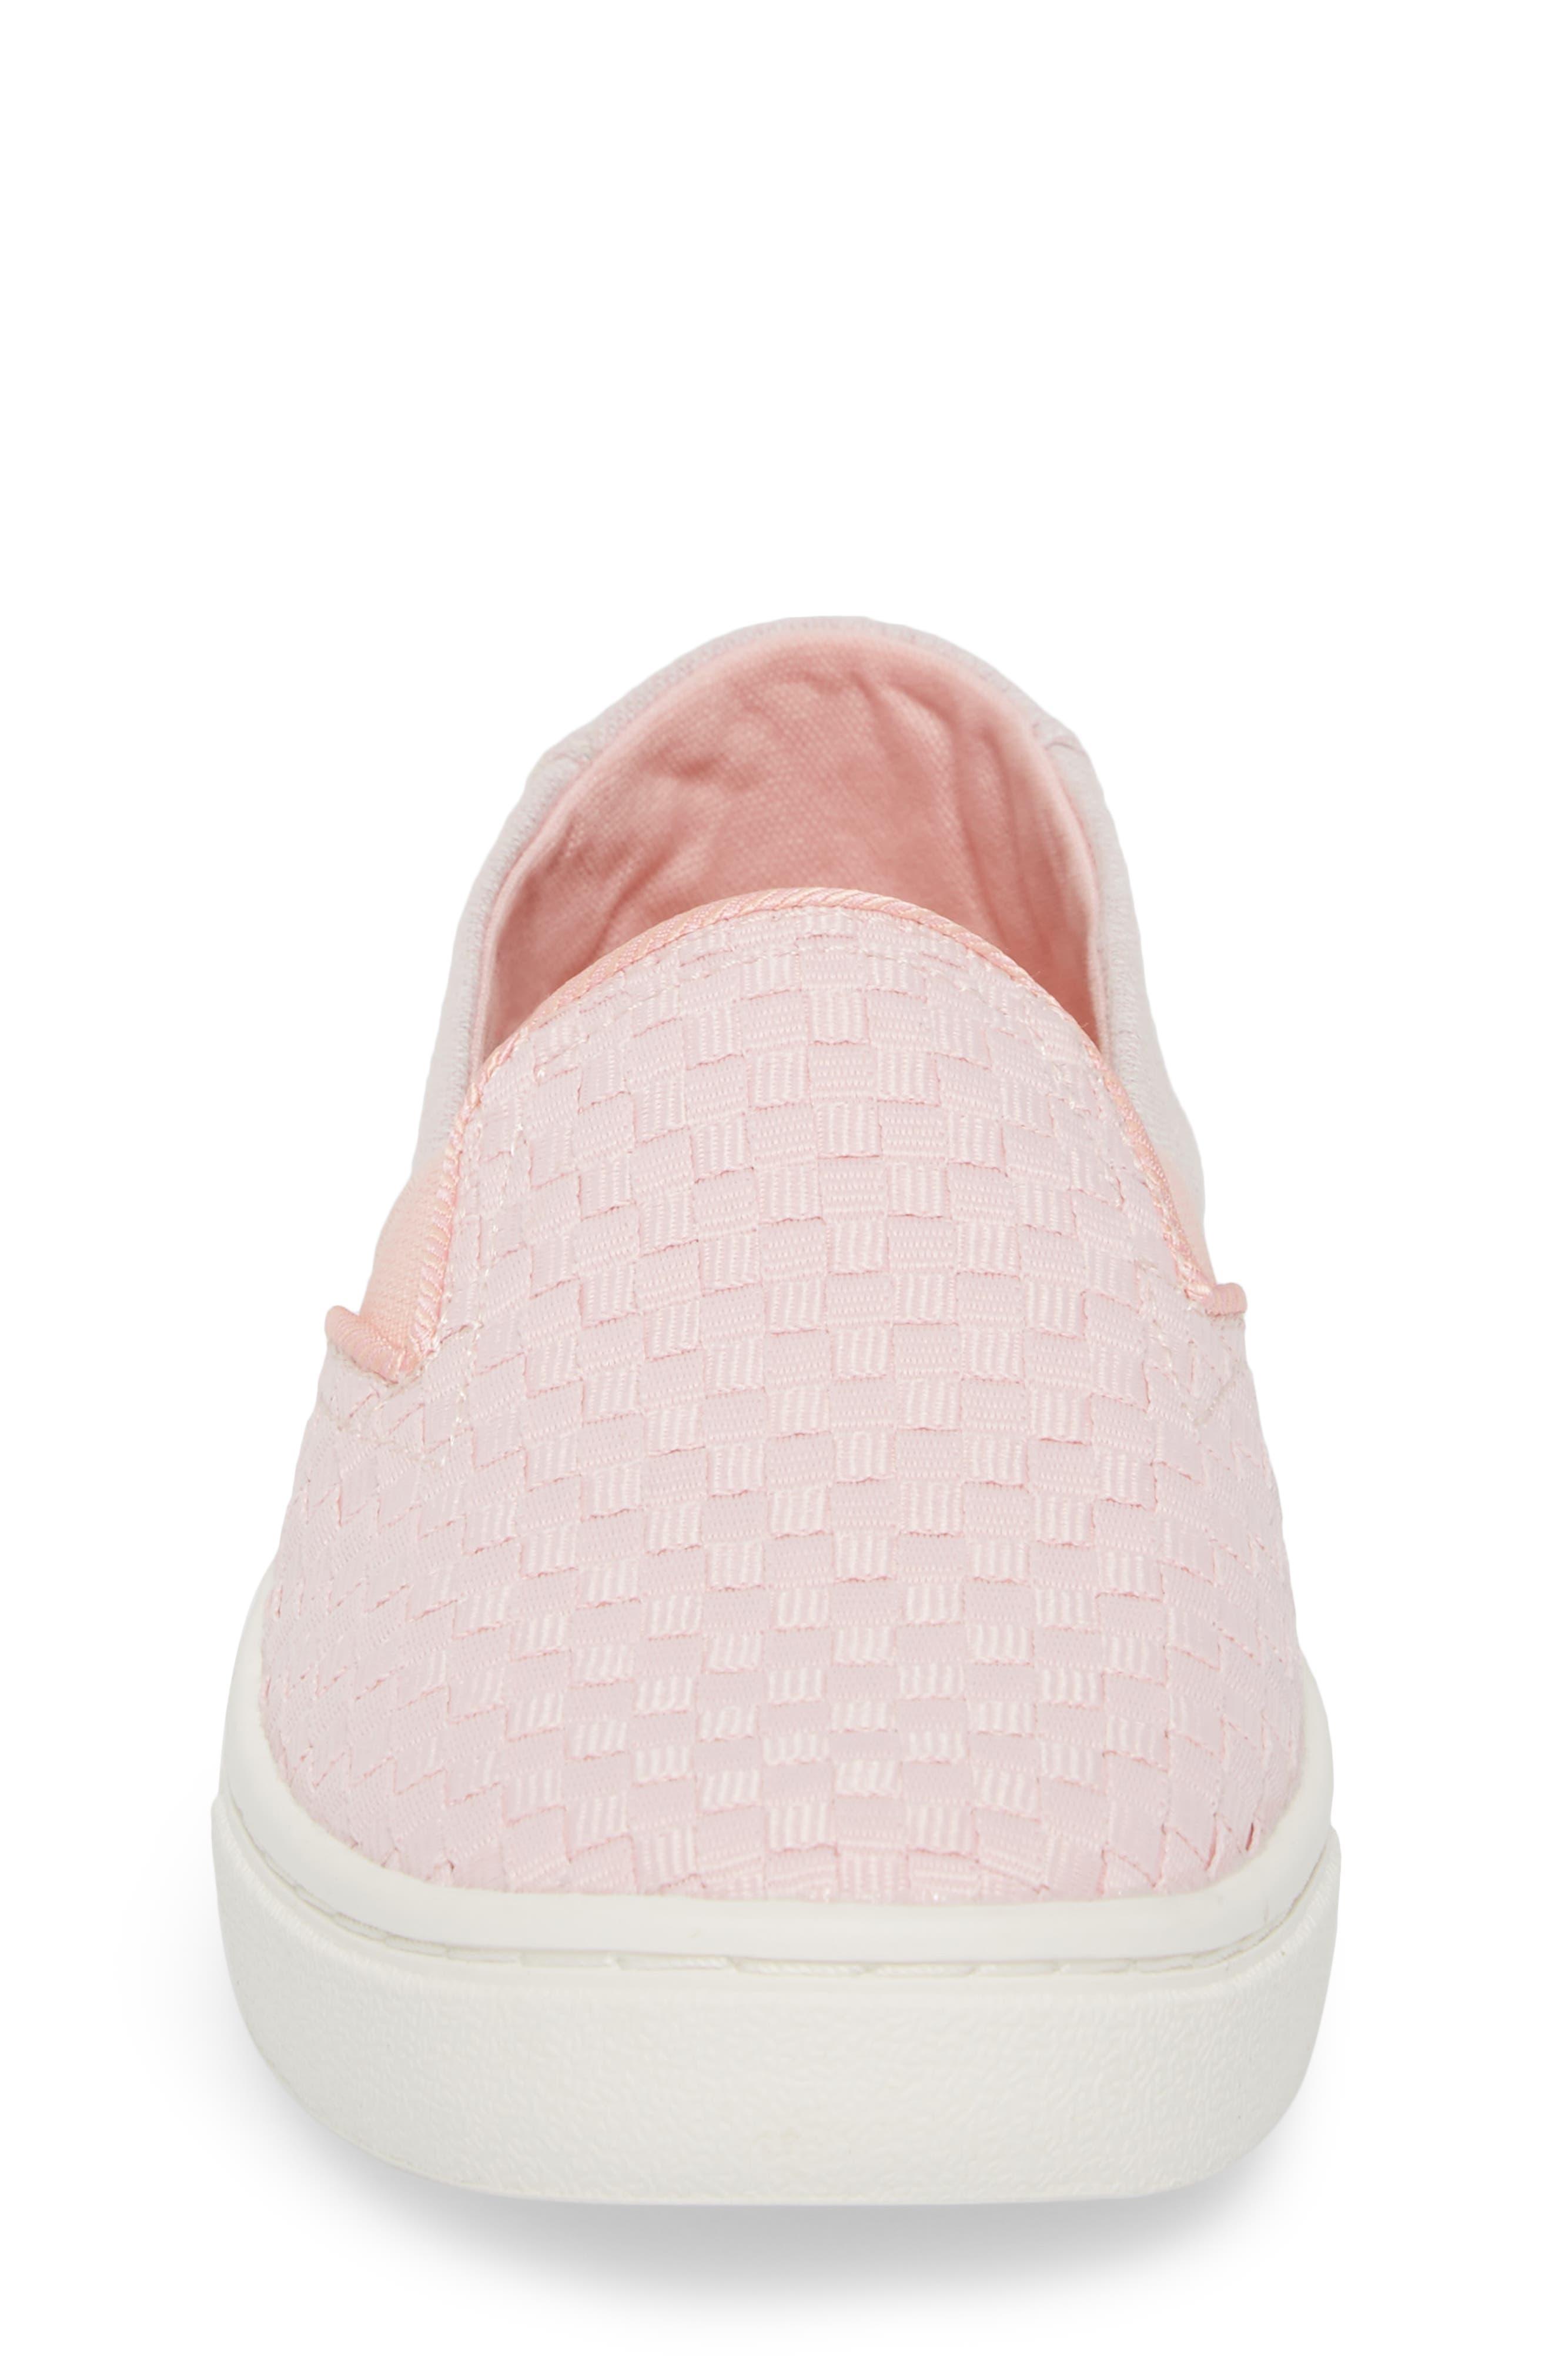 Luca Slip-On Sneaker,                             Alternate thumbnail 35, color,